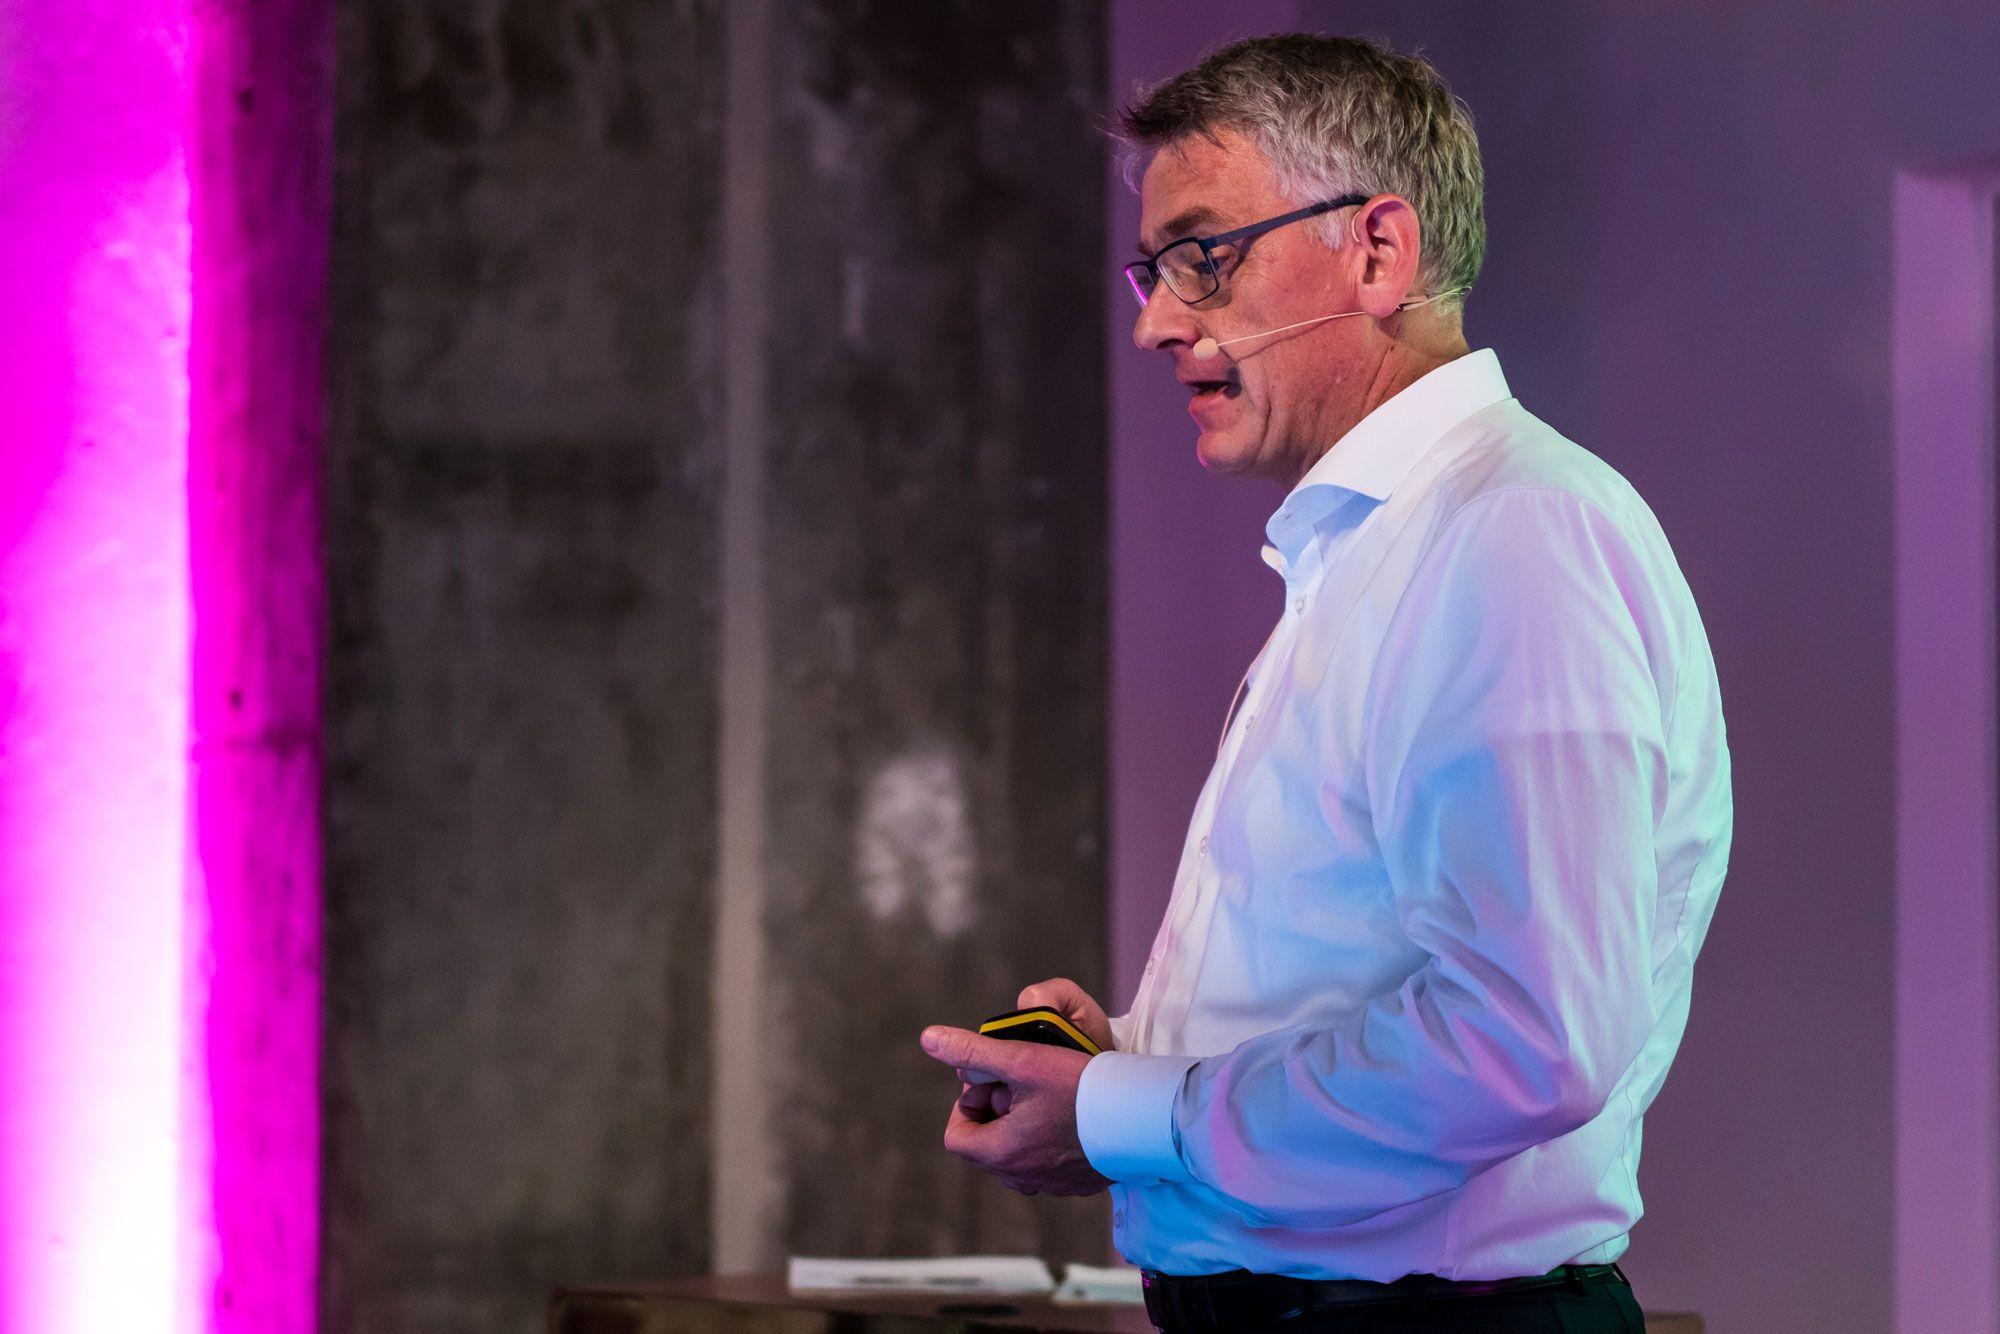 Hans Sondermann (Rittal) & Maximilian Brandl (Eplan & Cideon): Strategie 4.0 umsetzen – so wird ein Schaltschrankbauer digital